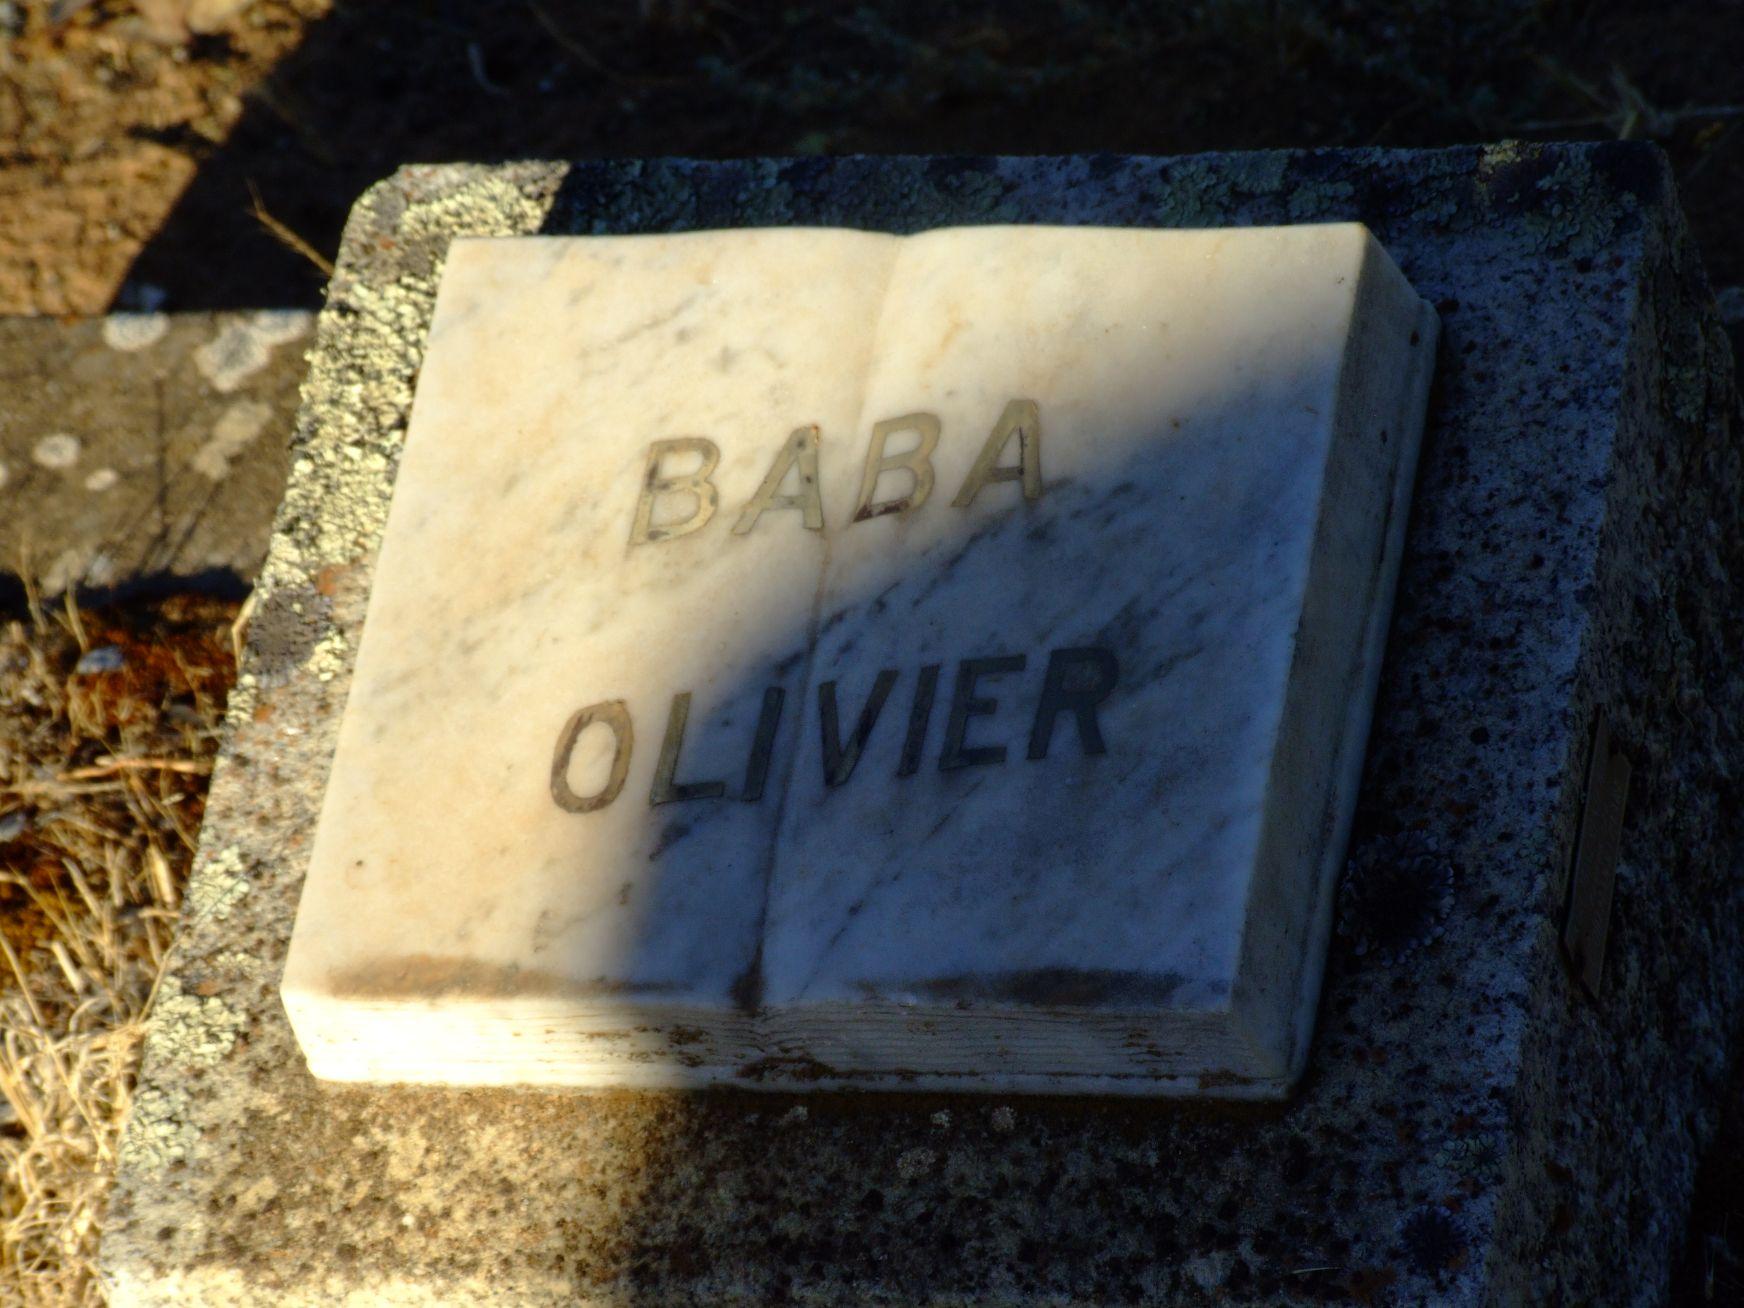 Olivier, Baba